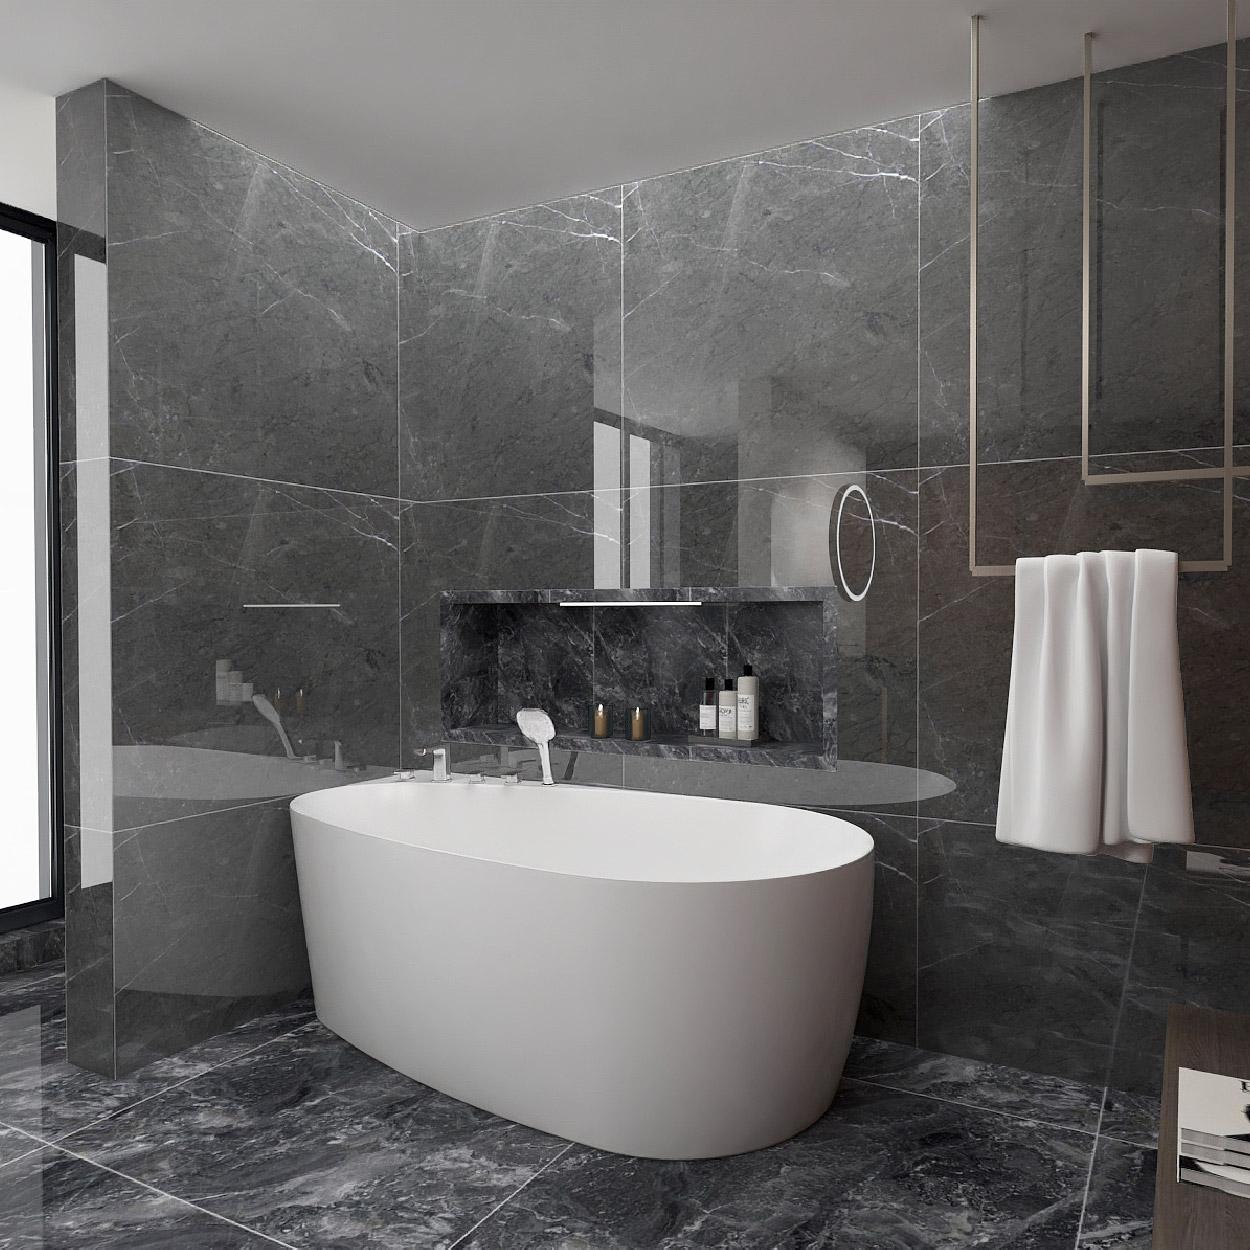 水鹿靠墙浴缸-大泡泡(包含缸边龙头)